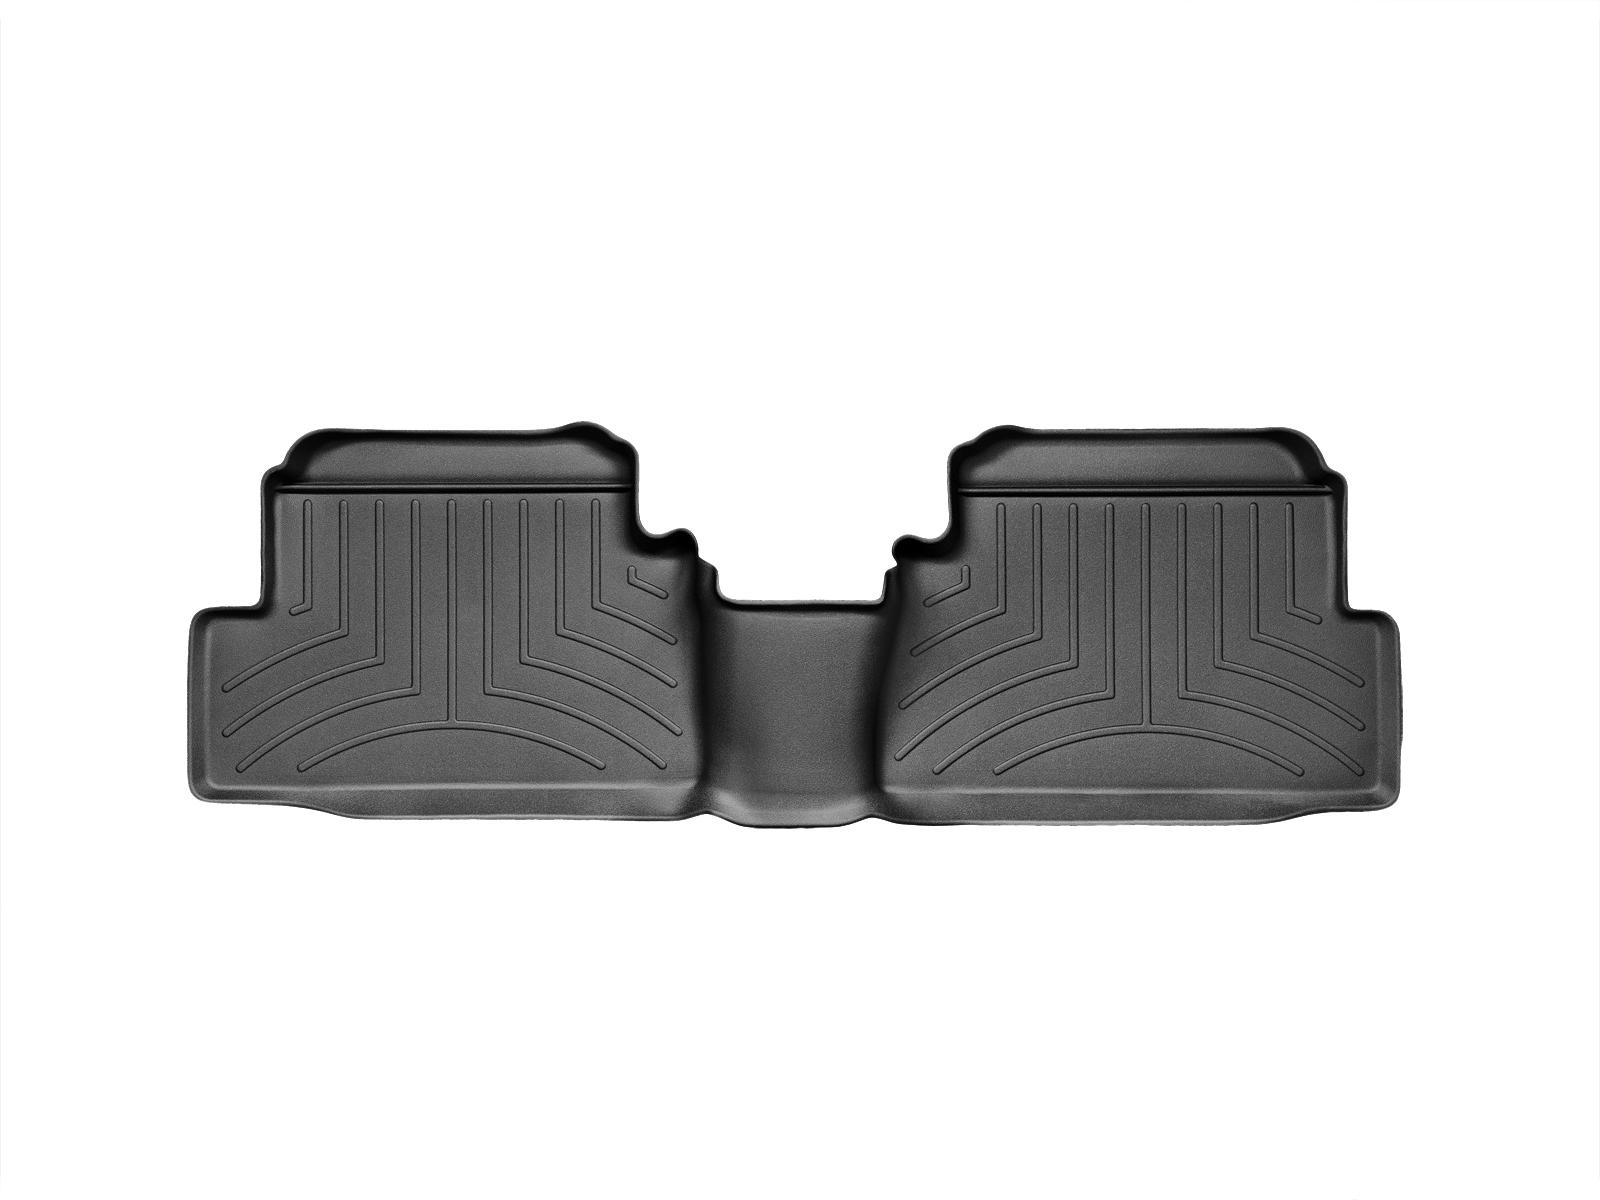 Tappeti gomma su misura bordo alto Ford C-Max 10>17 Nero A850*